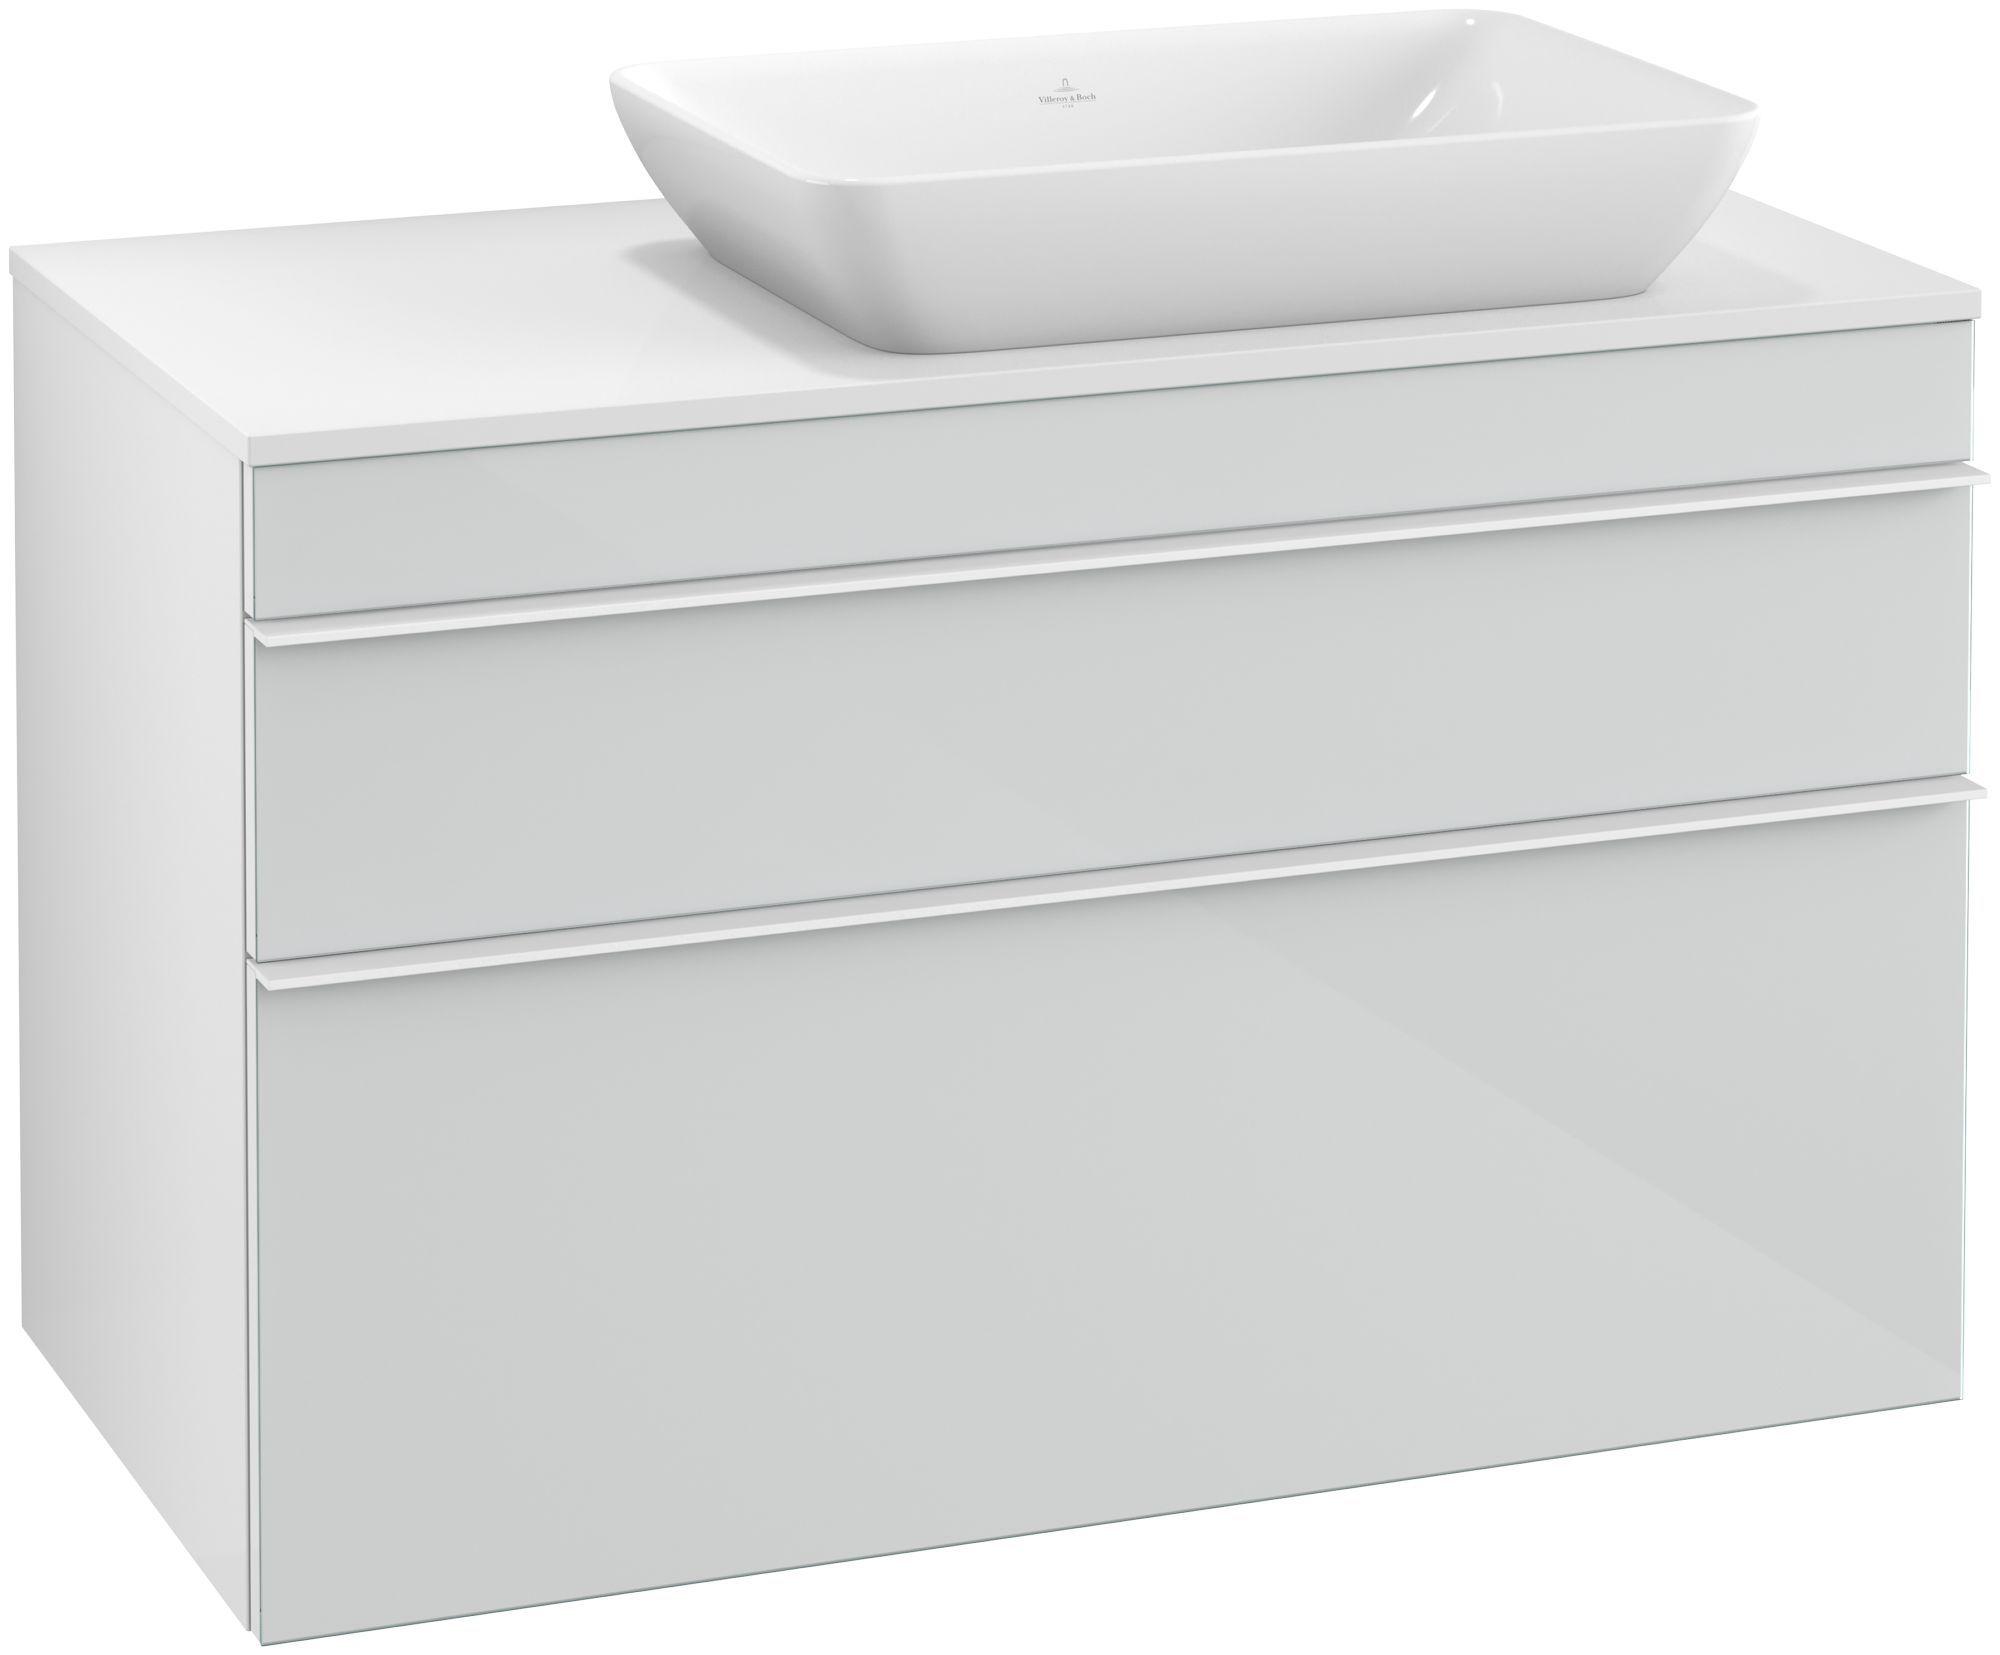 Villeroy & Boch Venticello Waschtischunterschrank für Waschtisch rechts 2 Auszüge B:95,7xH:60,6xT:50,2cm Glas glossy white Griffe white Griffe weiß A94302RE